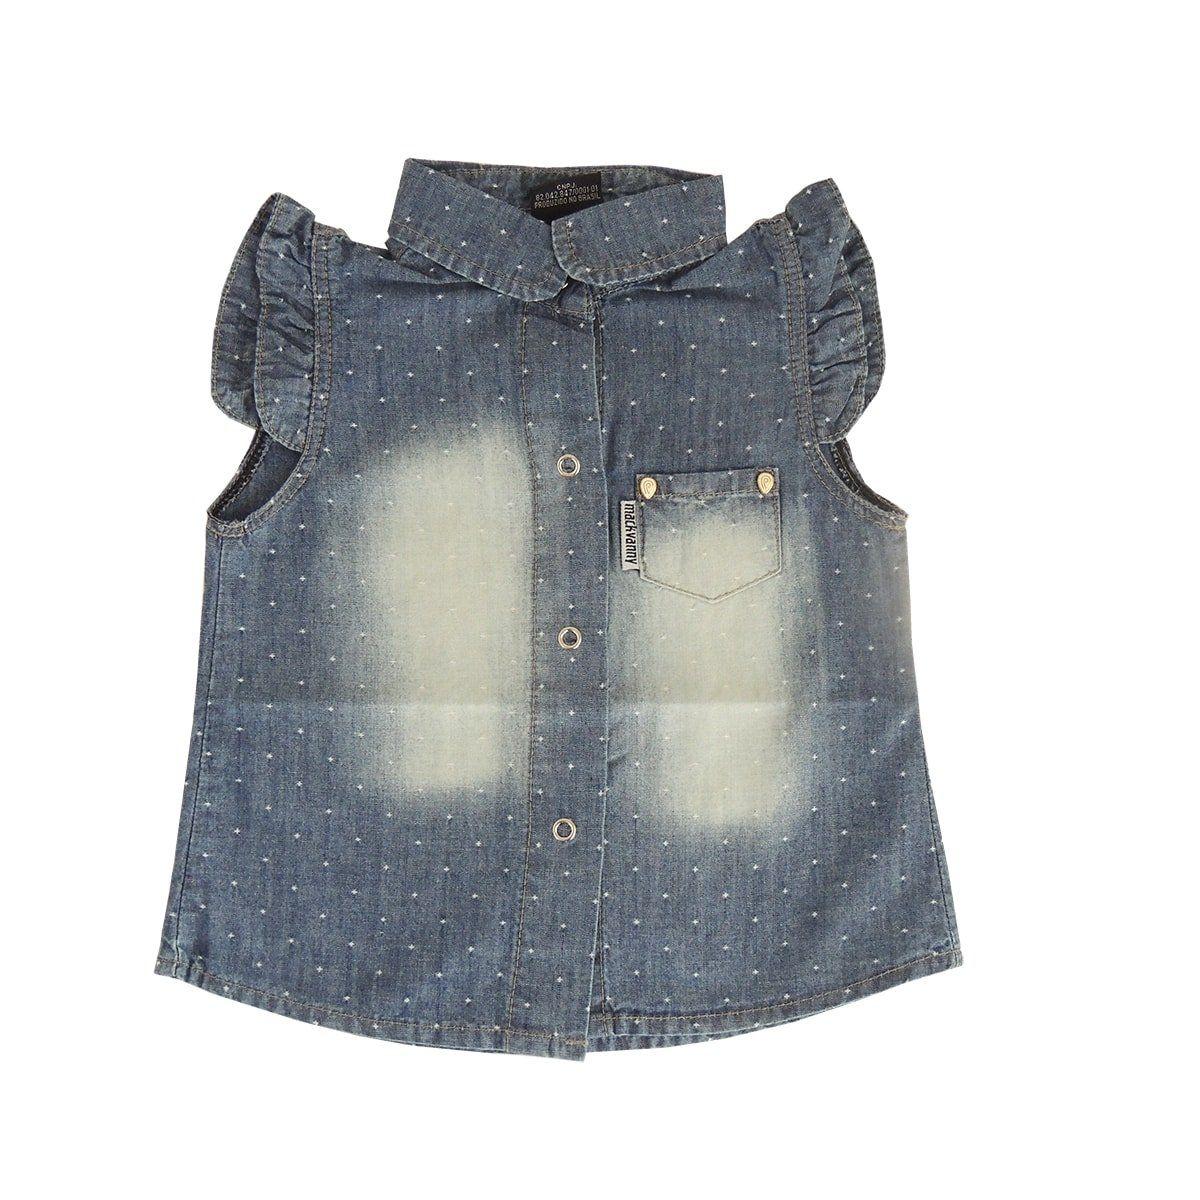 Camisa Infantil Feminina Manga Curta Jeans